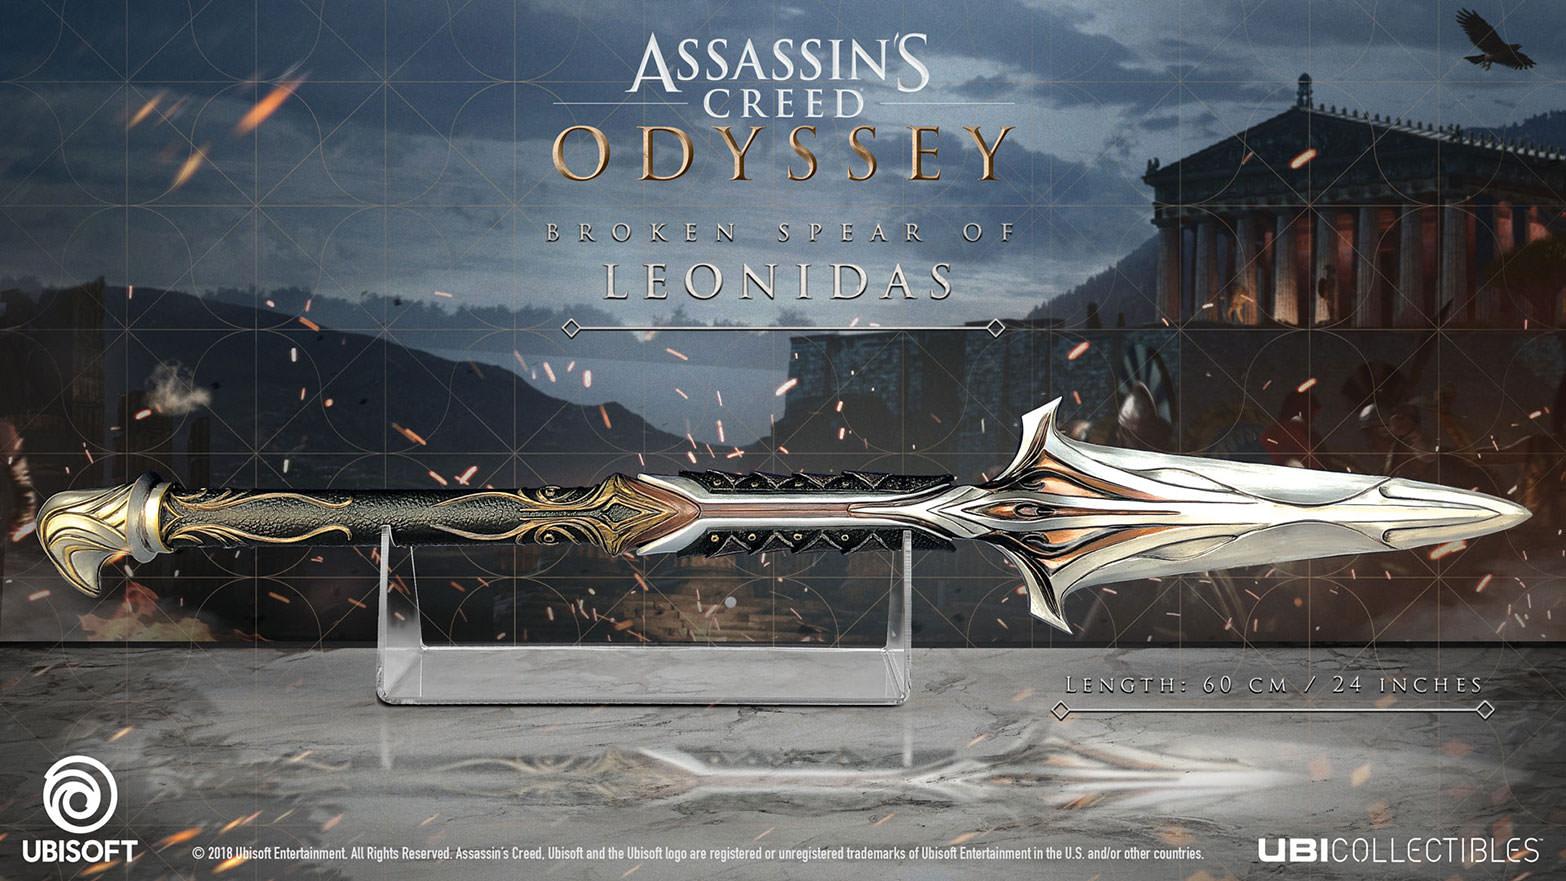 Assassins Creed Odyssey Broken Spear Of Leonidas